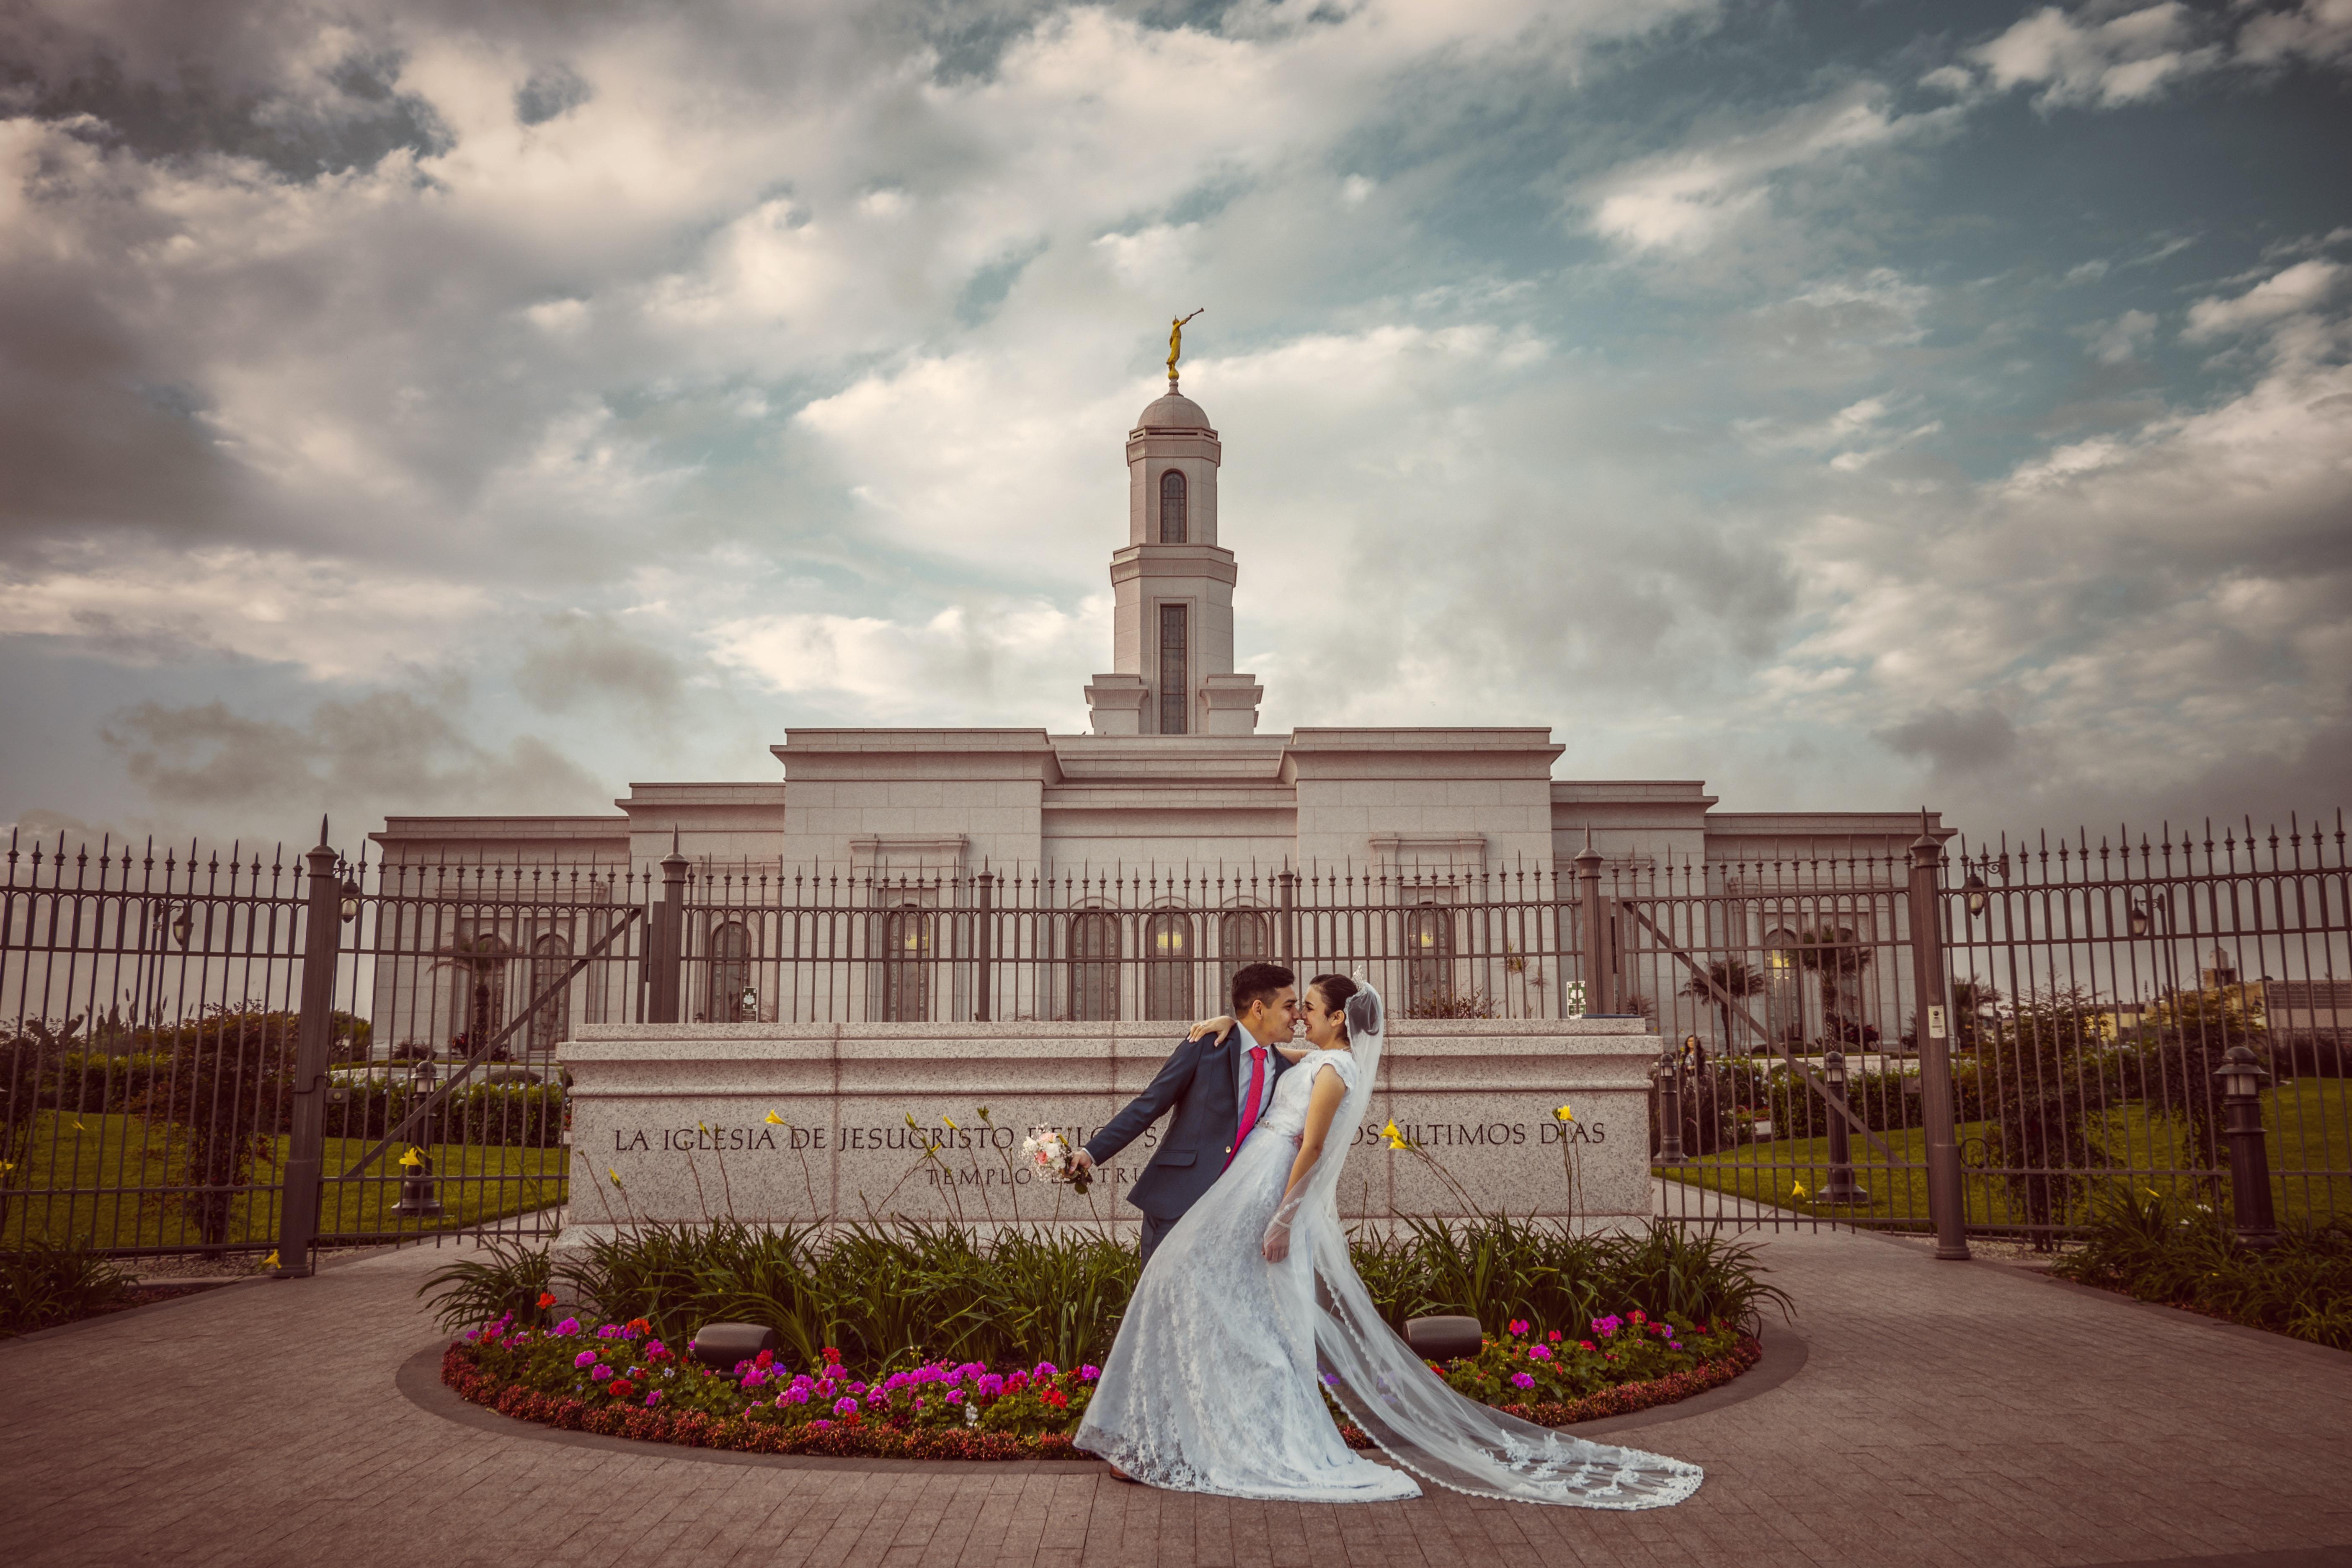 Requisitos para casarse en México